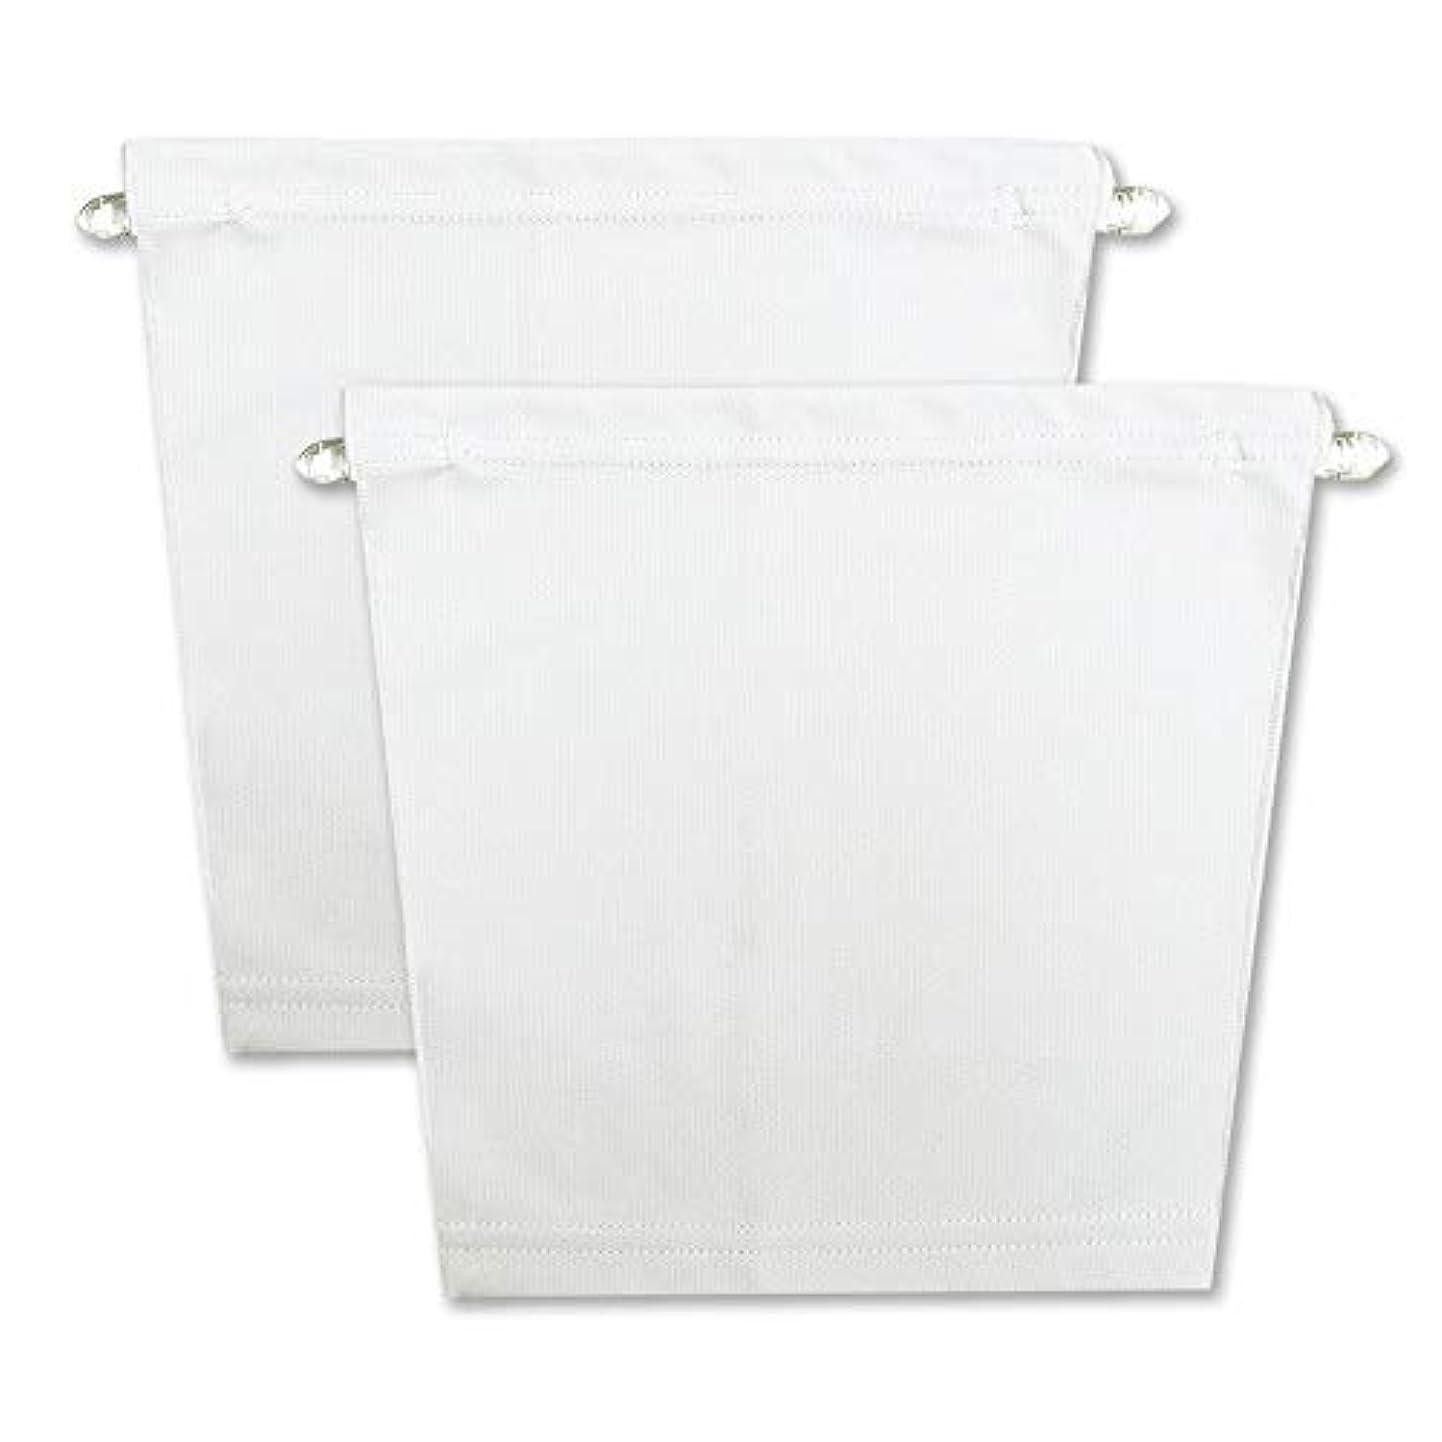 フロントキャミ (2枚組) 胸元隠し UVカット (白 & 白)